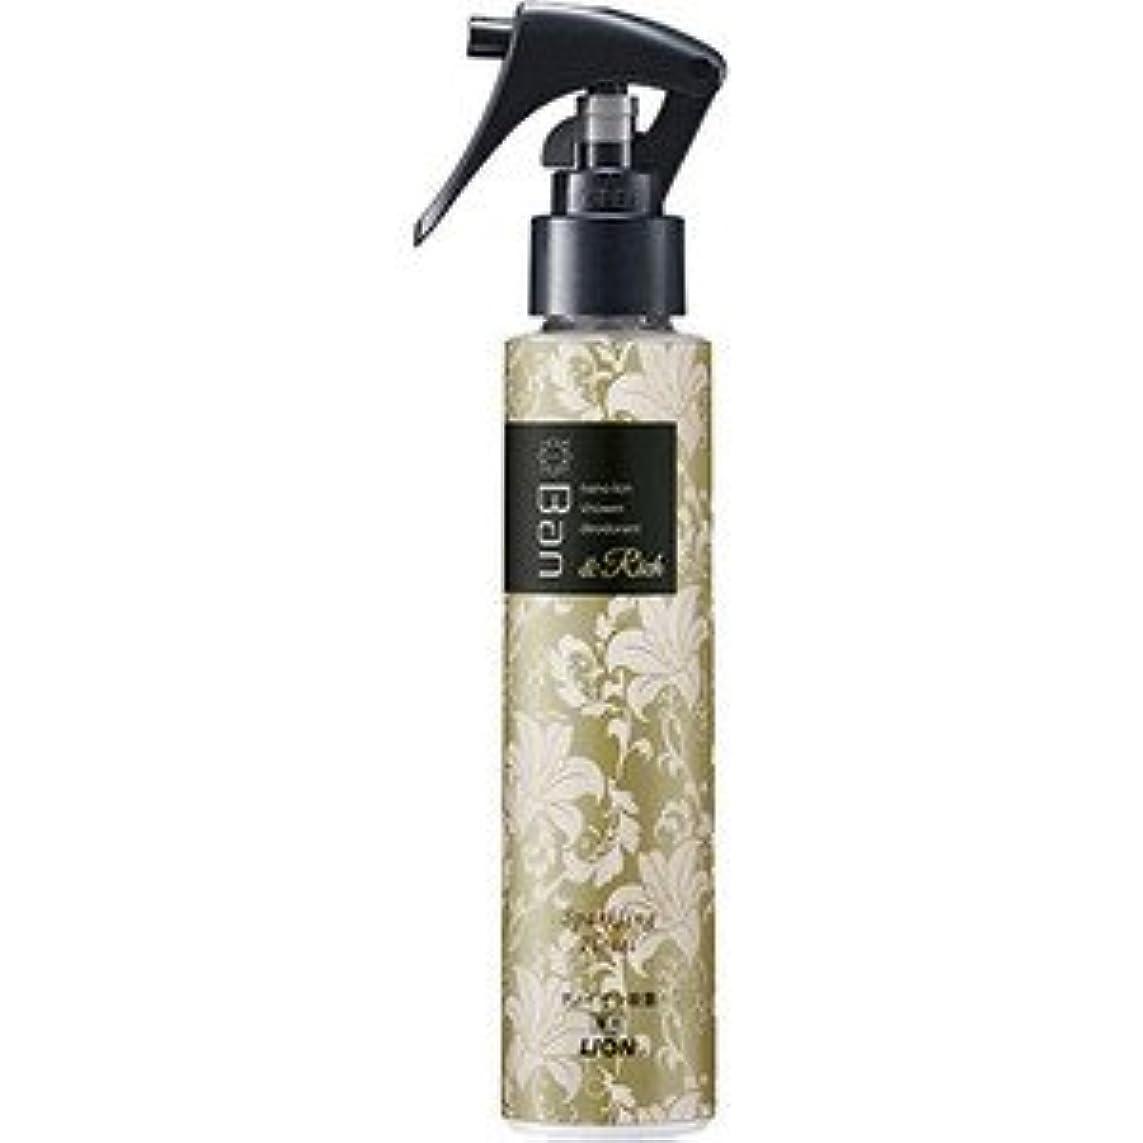 エンジニアフォーマルモルヒネ(ライオン)Ban(バン) シャワーデオドラント&Rich スパークリングフローラルの香り 120ml(医薬部外品)